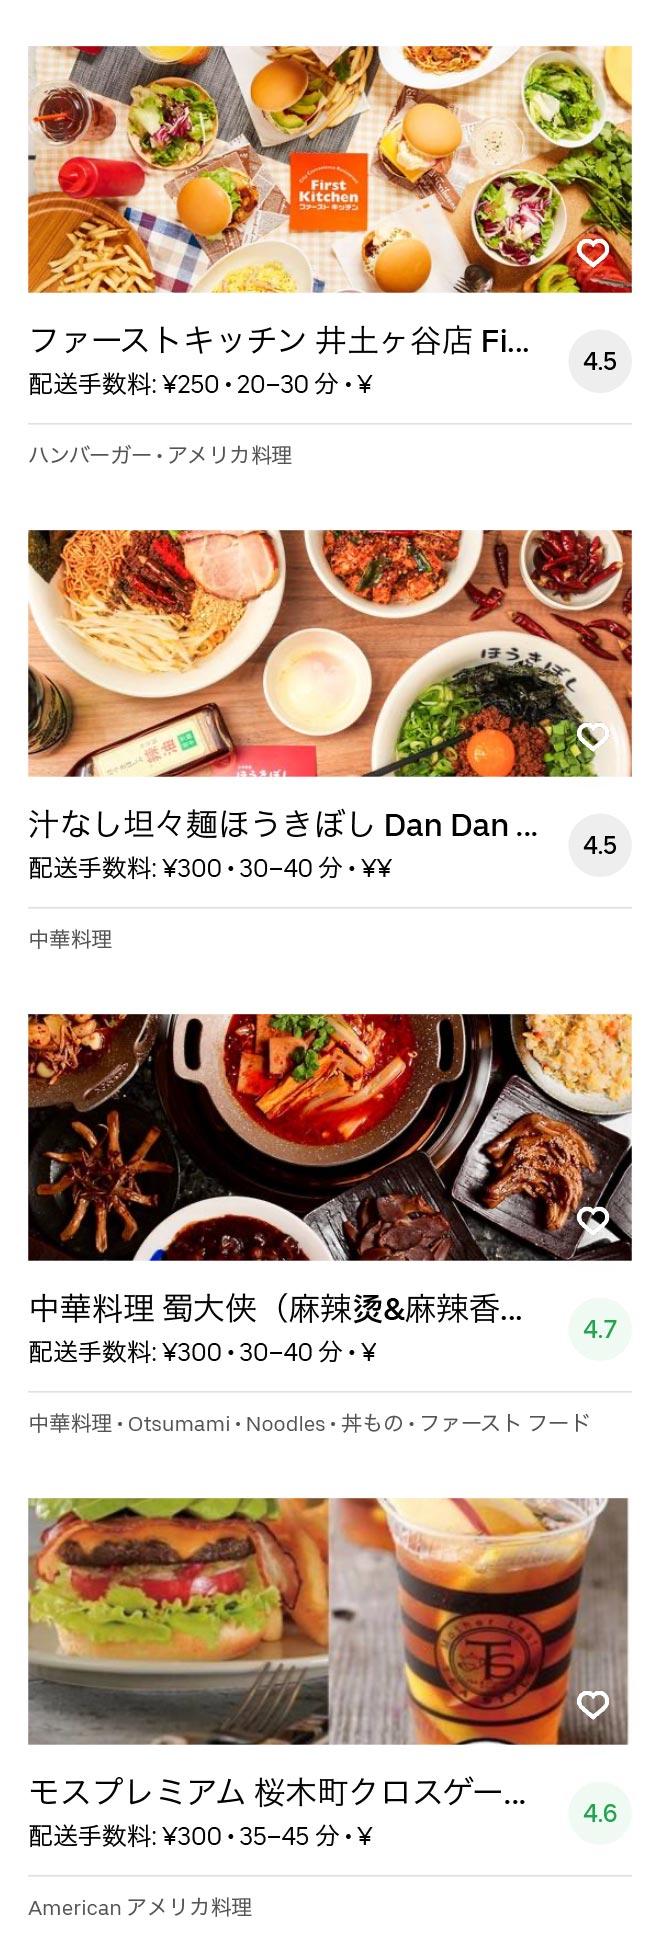 Yokohama hodogaya menu 2004 08